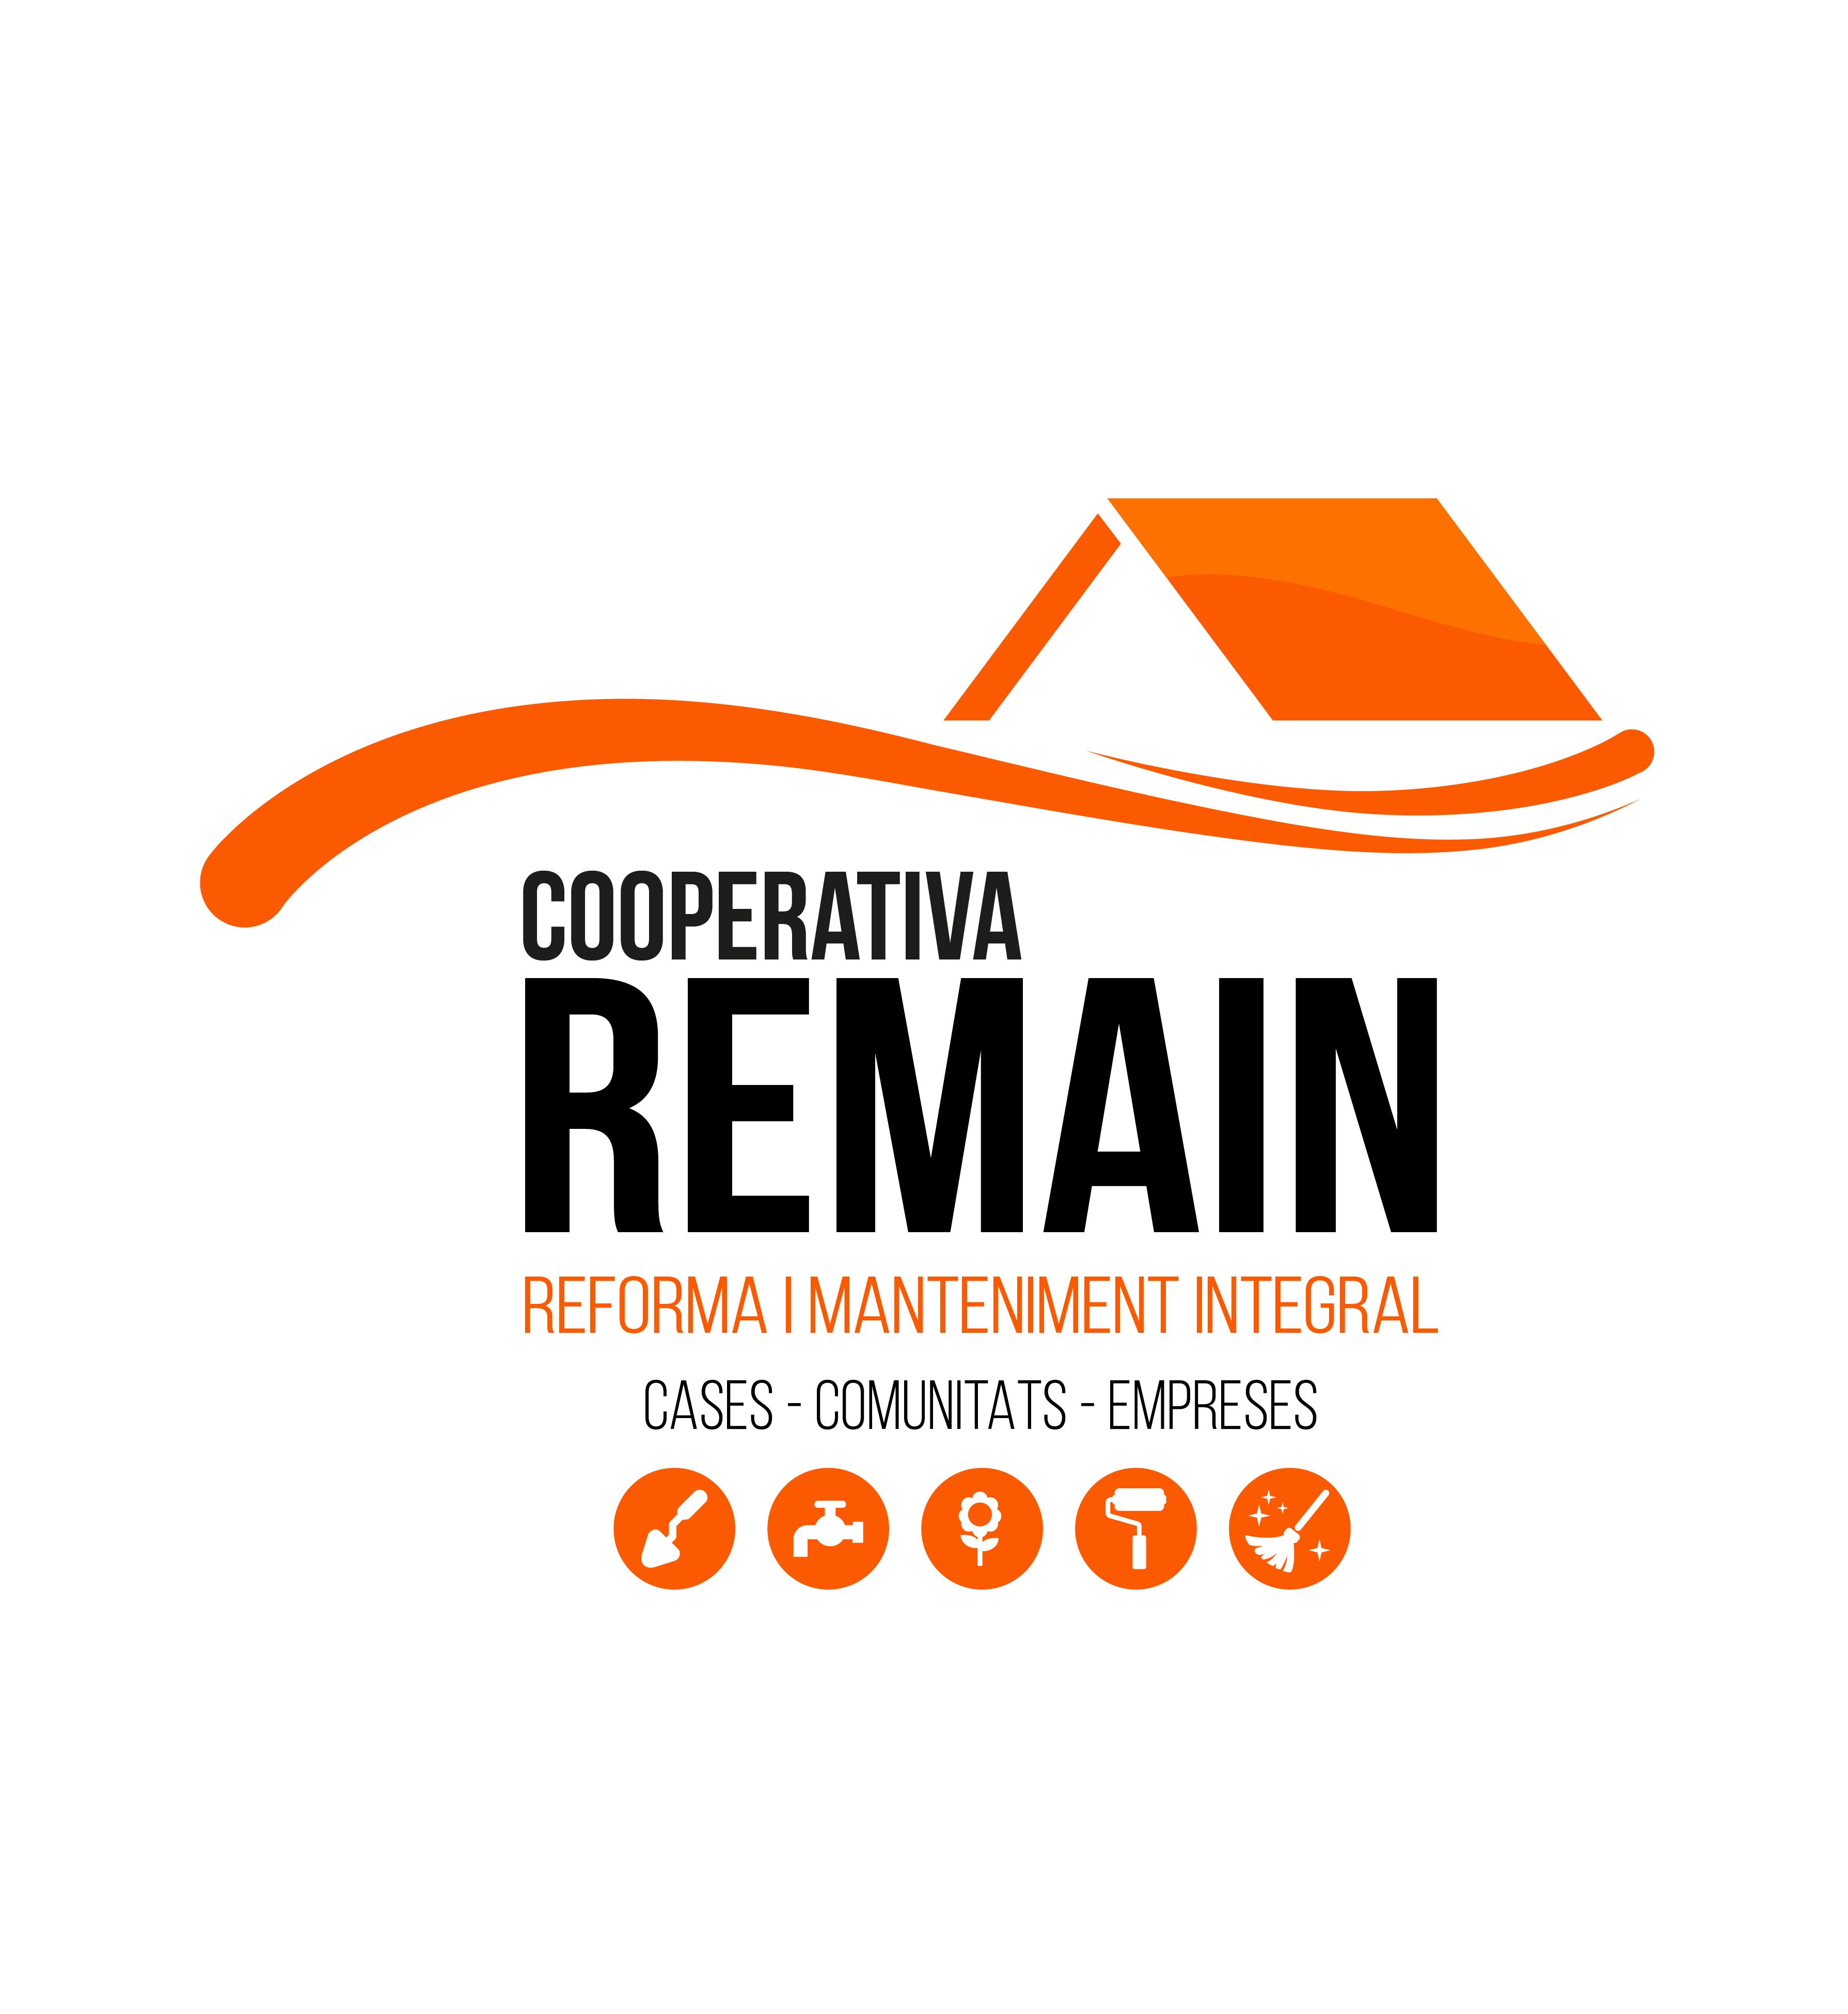 Cooperativa Remain